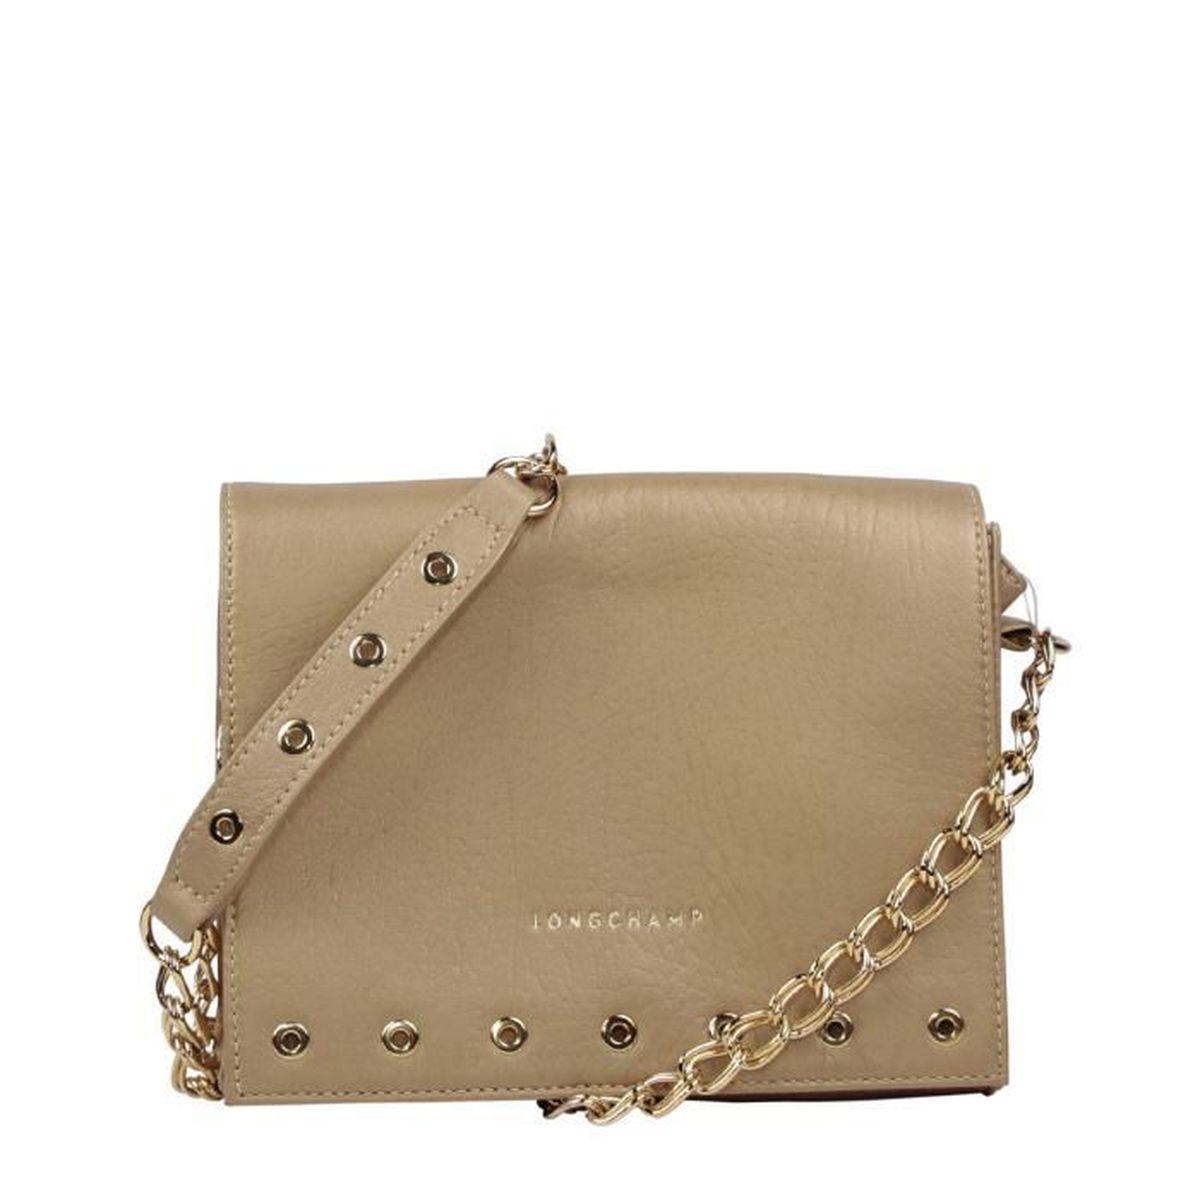 LONGCHAMP - sac femme à bandoulière en cuir - OR PARIS ROCK ...